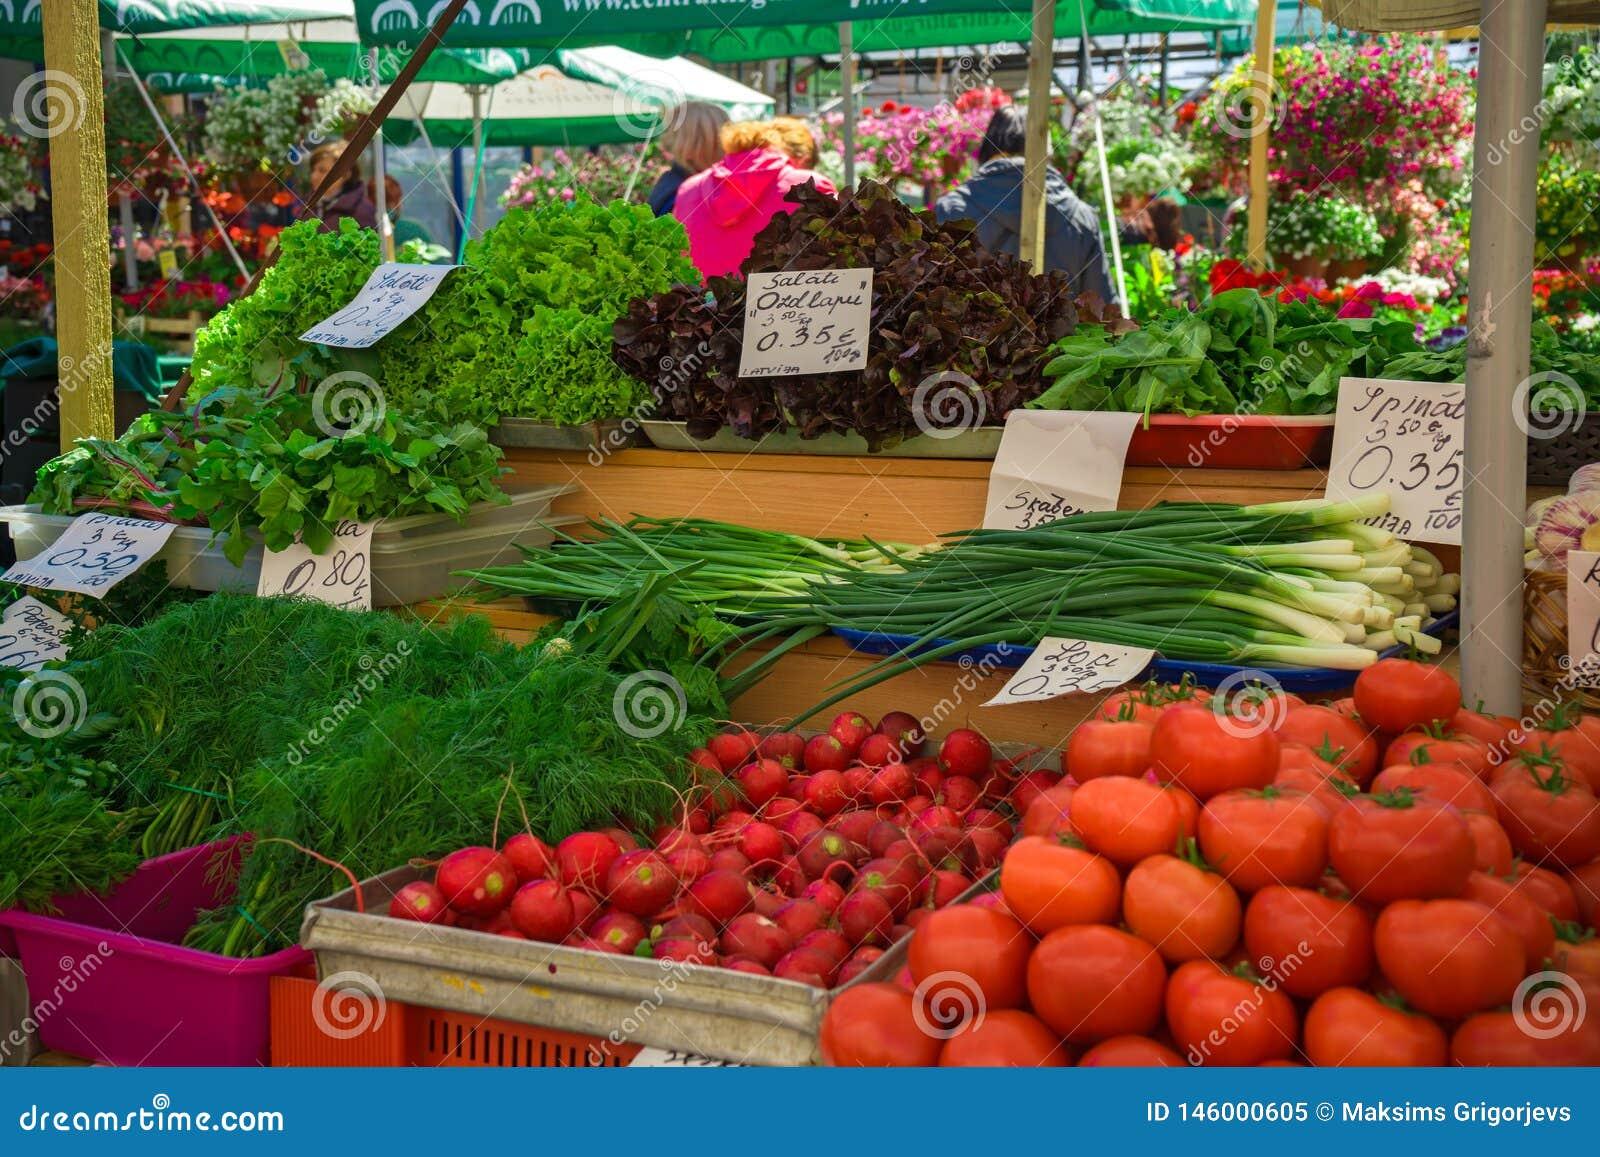 Свежие и органические овощи на рынке фермеров: raddish, томаты, укроп, салат, зеленые onoins, салат, щавель на ярлыках цены